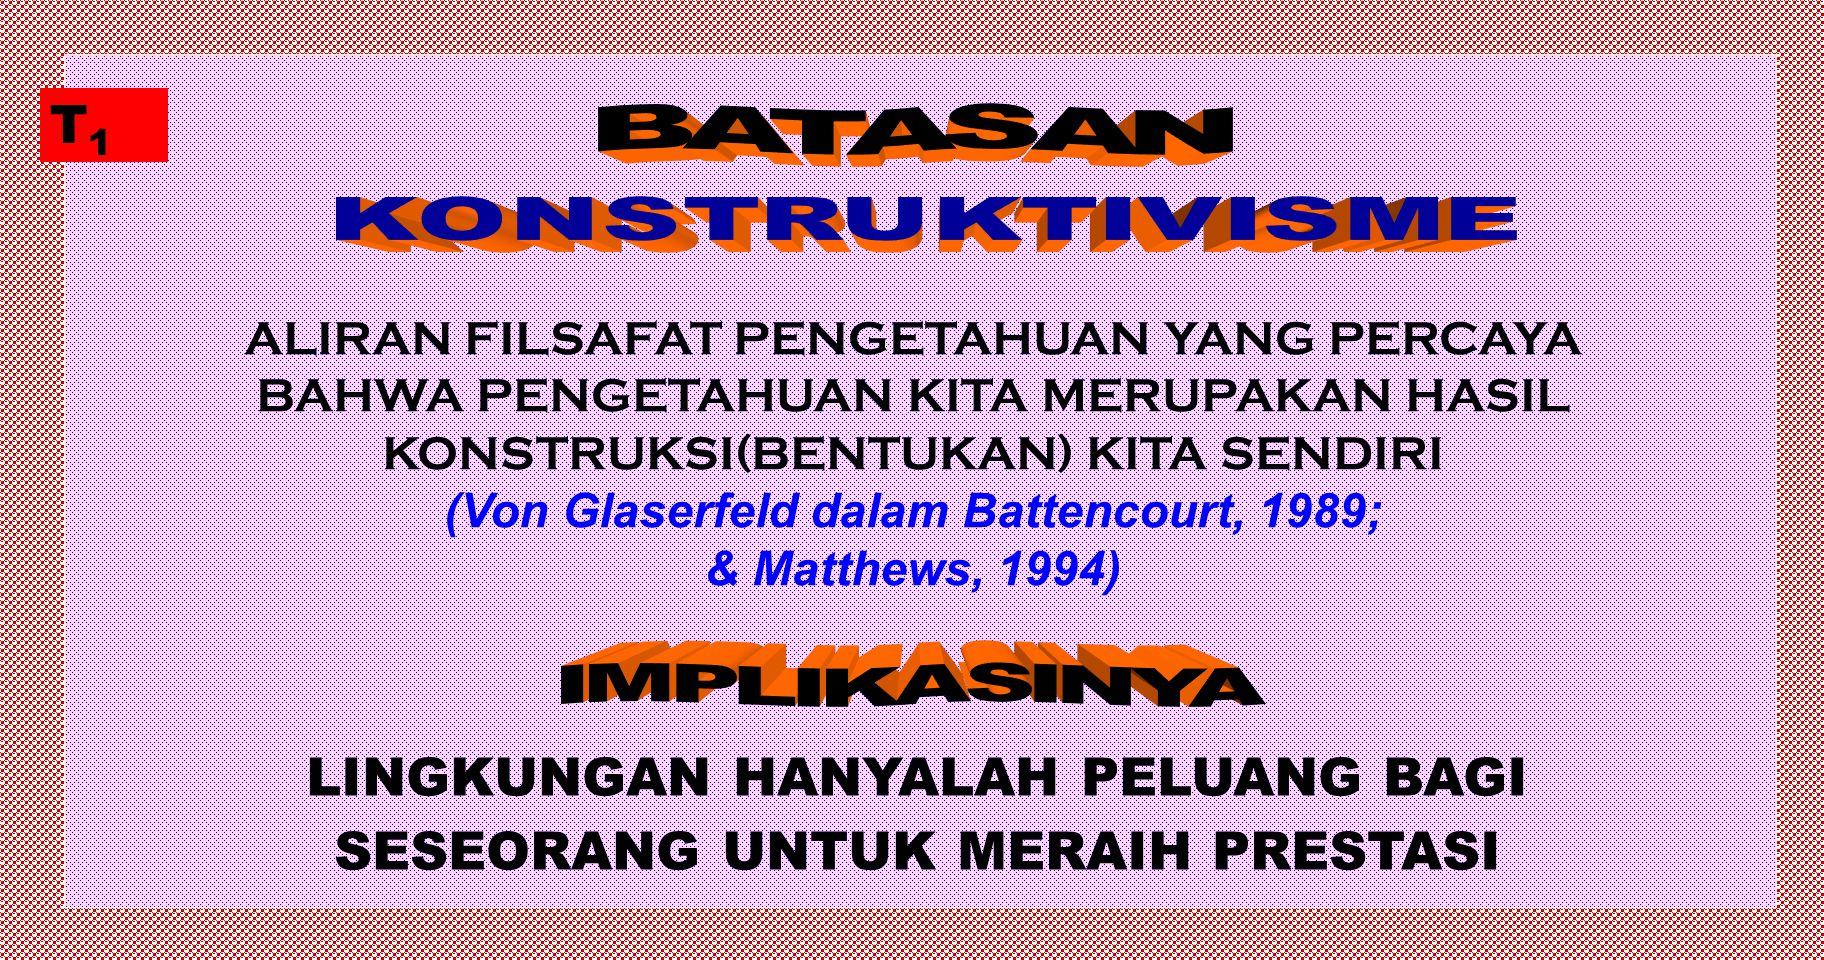 1.Menjelaskan hakikat filsafat konstruktivisme 2.Menjelaskan posisi konstruktivisme dalam aliran filsafat dan teori belajar 3.Menjelaskan peran pendek